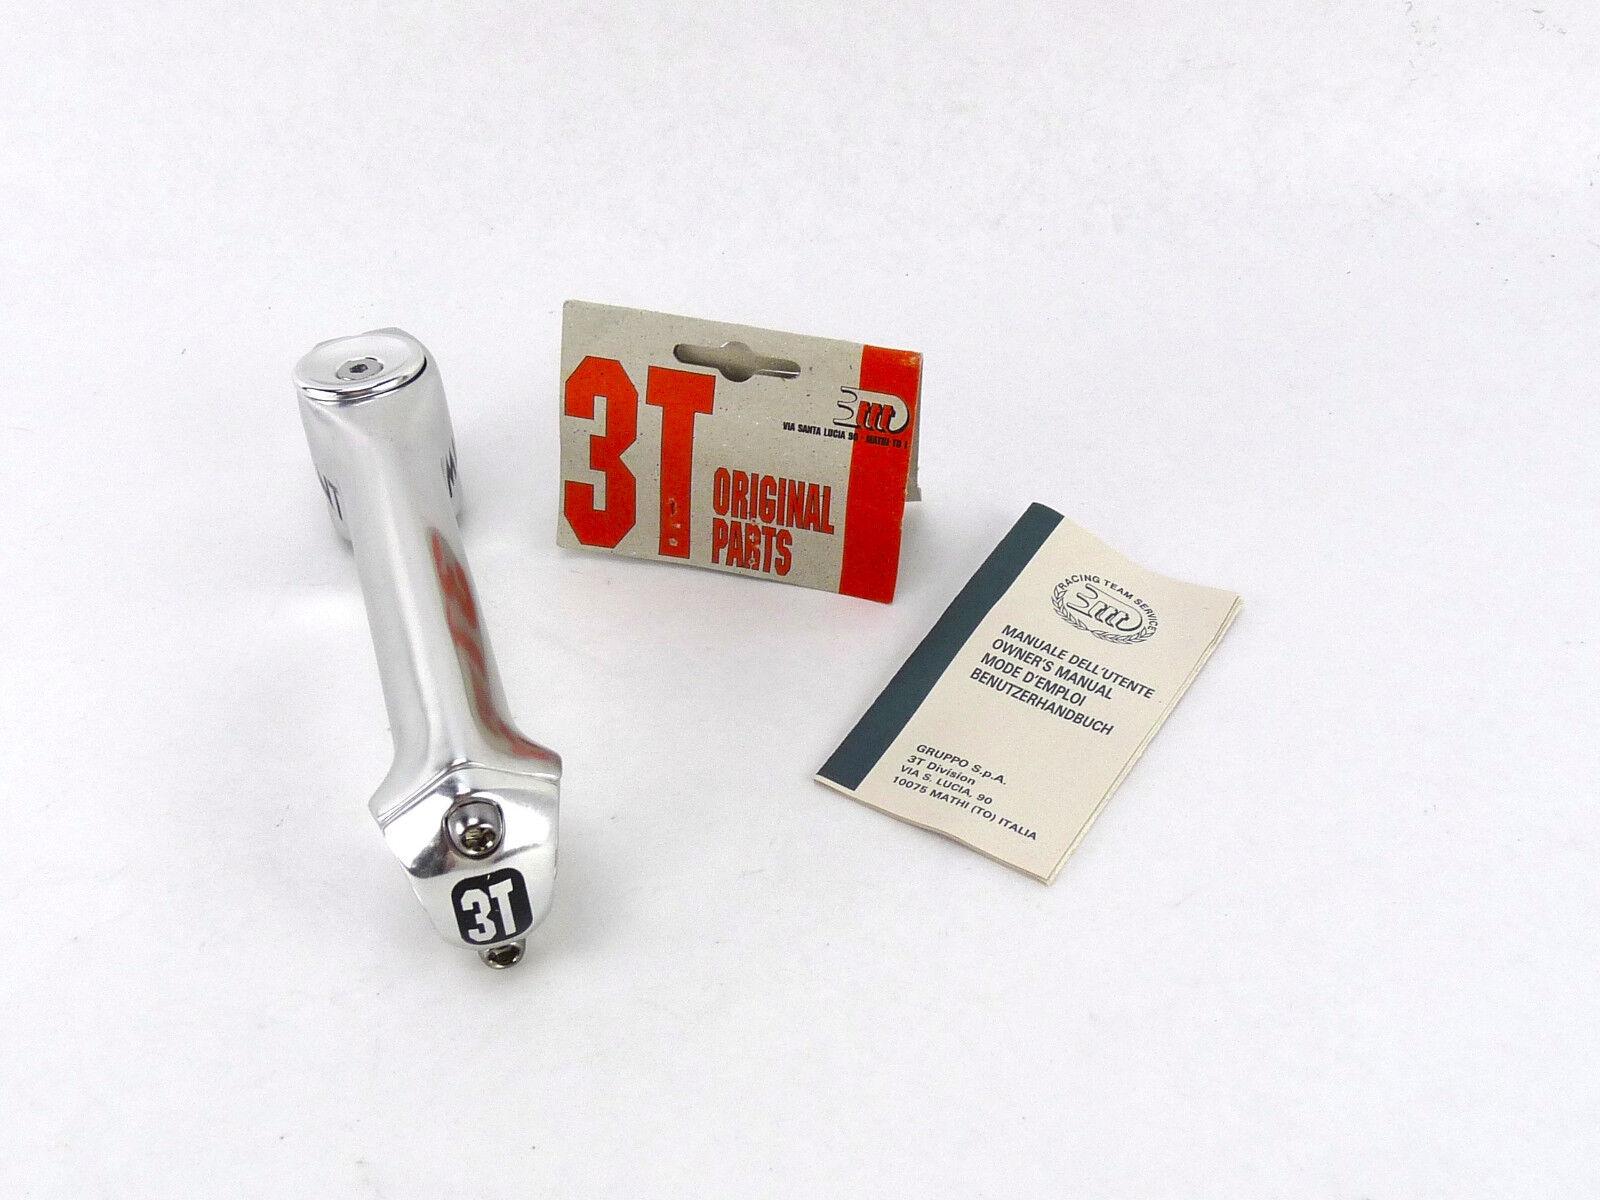 3T mutante vástago 11-1 8  por delante 140mm 3ttt Vintage Bike Threadless 26.0 Plata nos